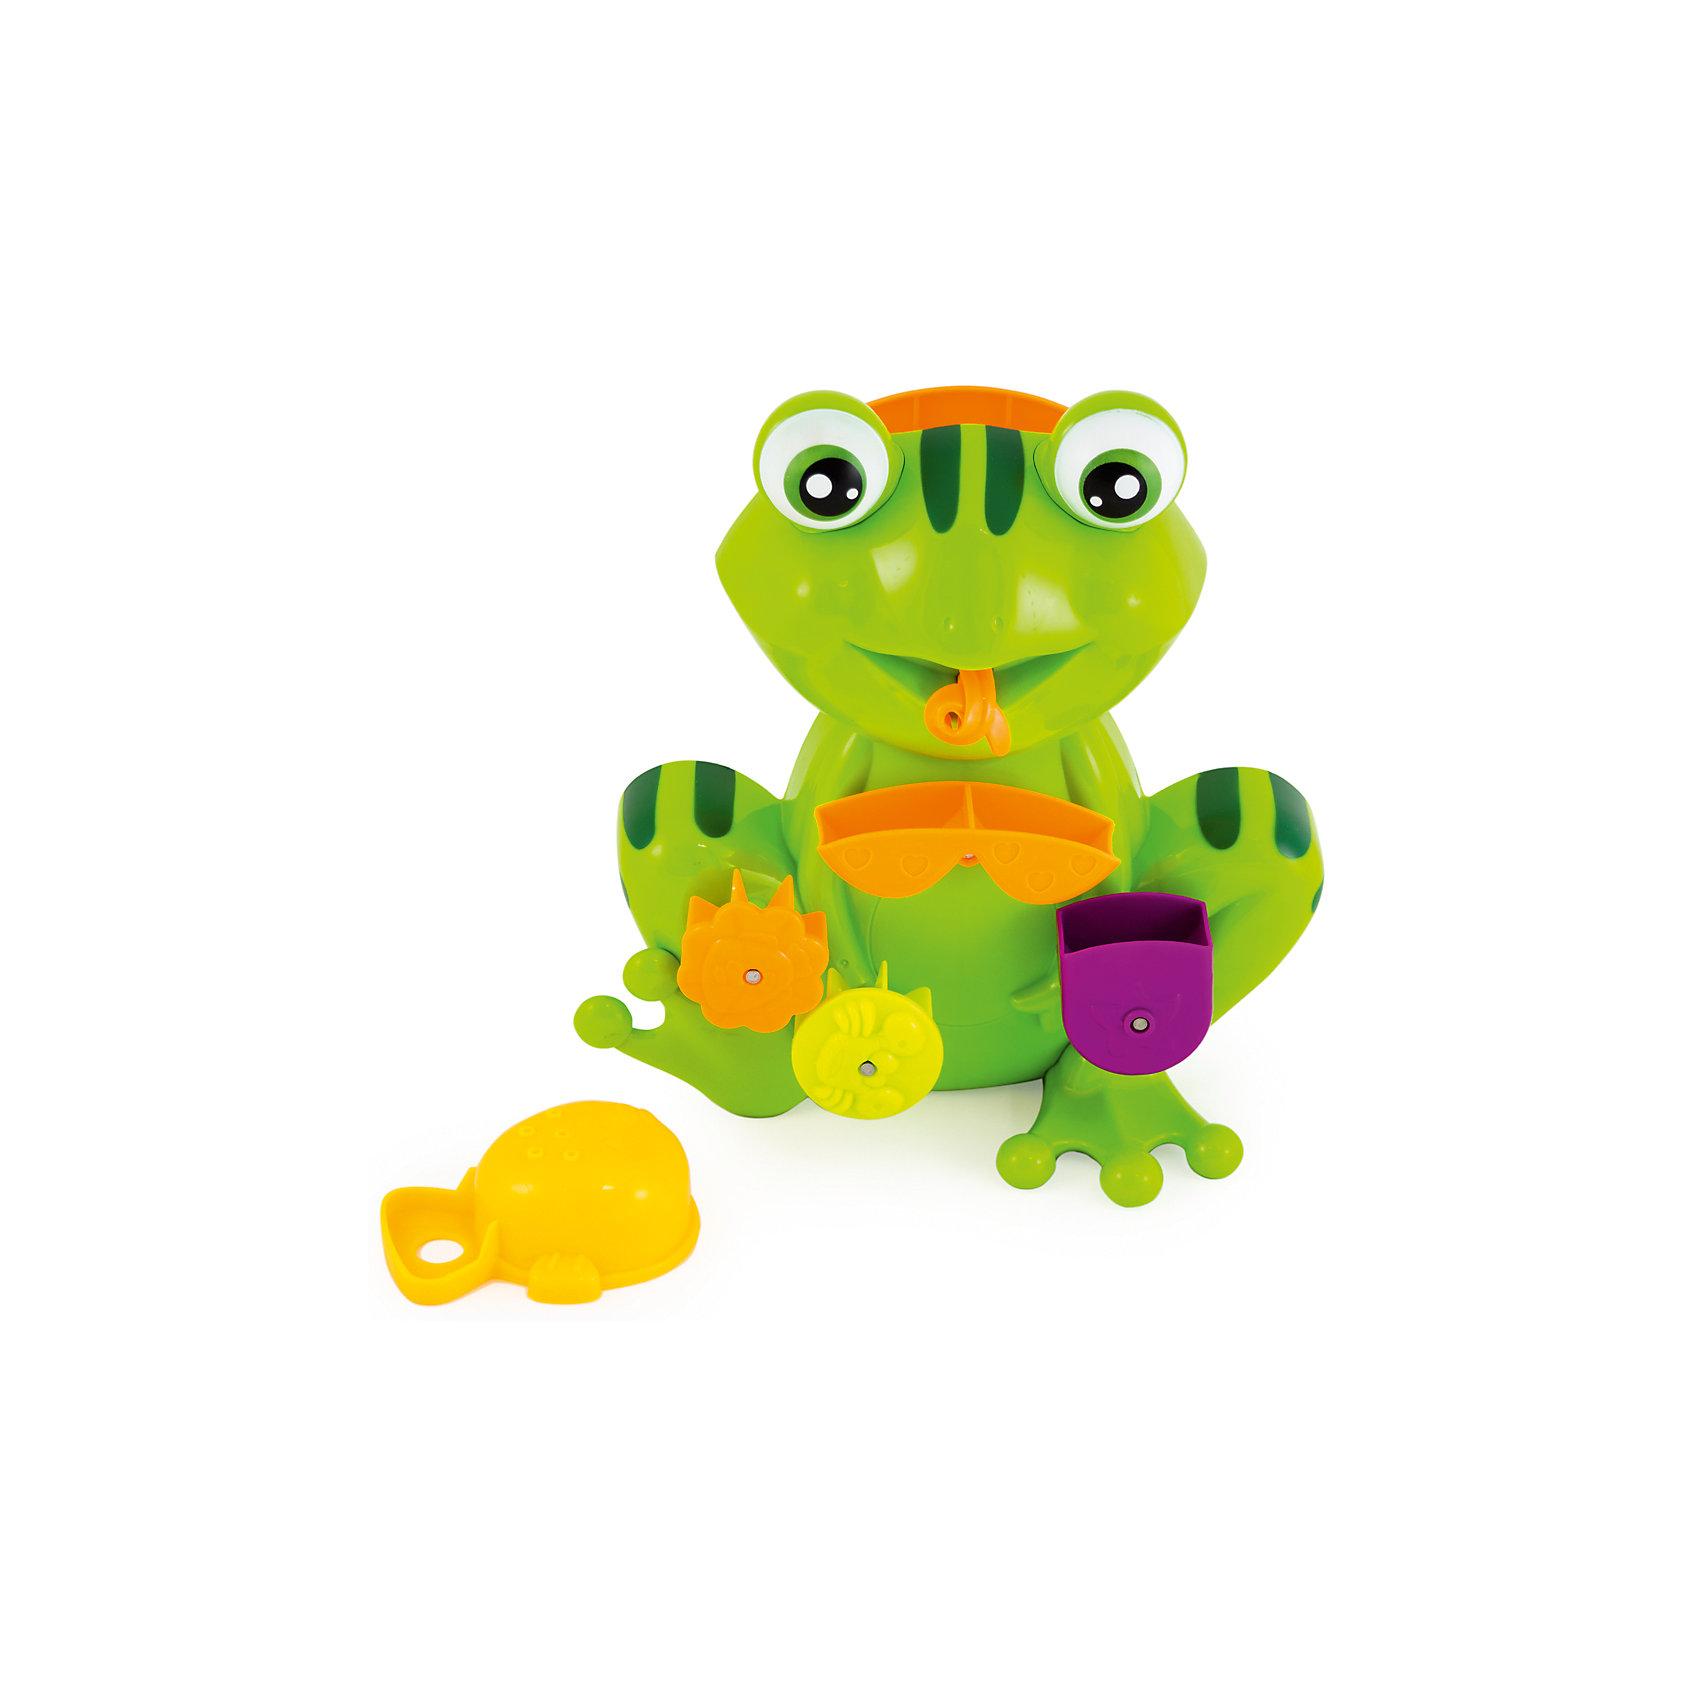 Pic'nMix Игрушка для ванны Лягушка, Pic'nMix игрушки для ванны tolo toys рыбки магнитные